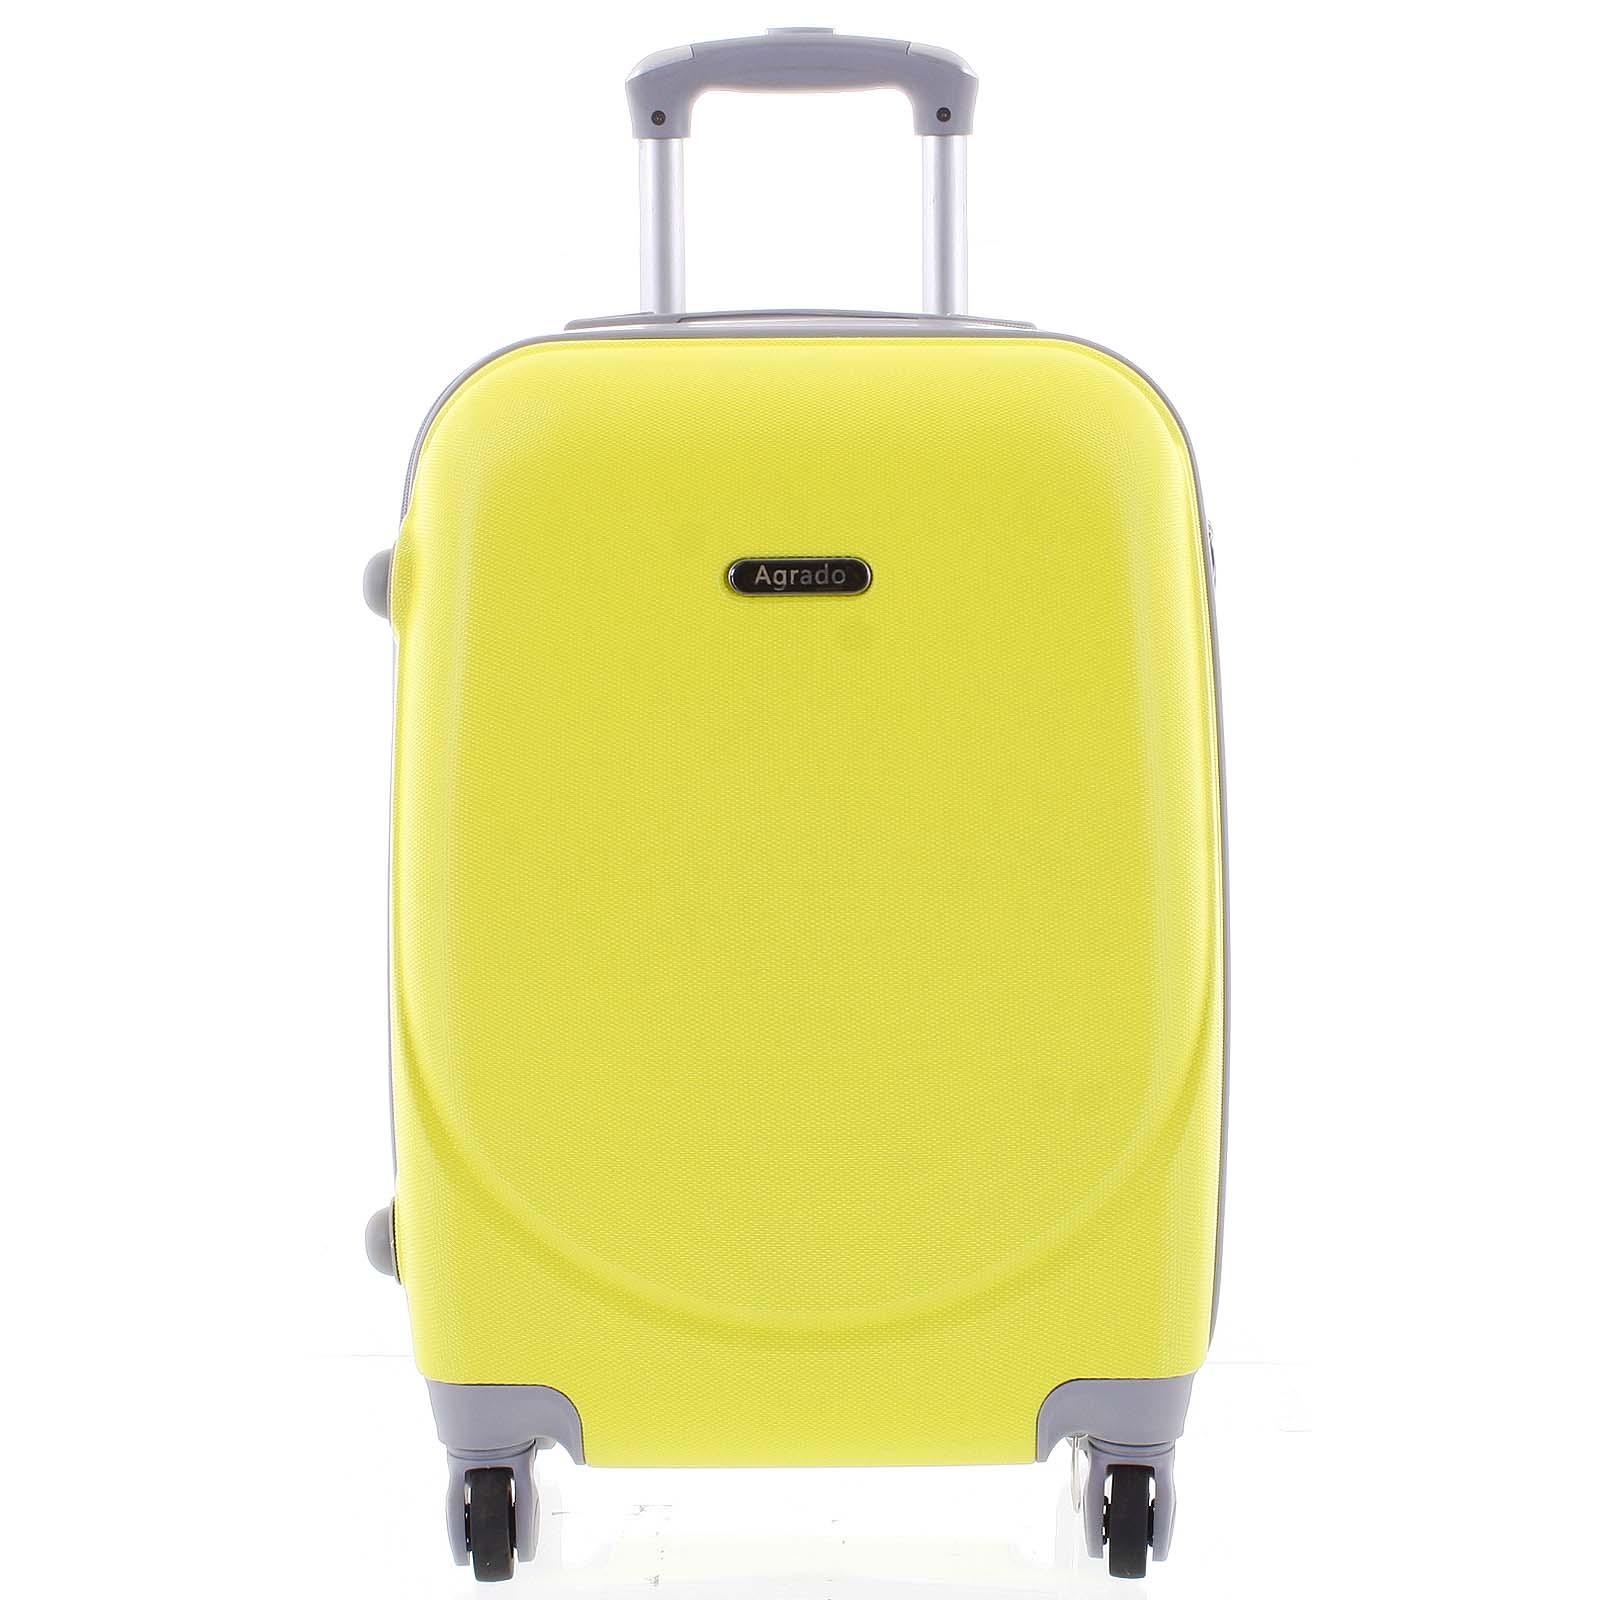 Kvalitný a elegantný pevný žiarivo žltý cestovný kufor - Agrado Peter M